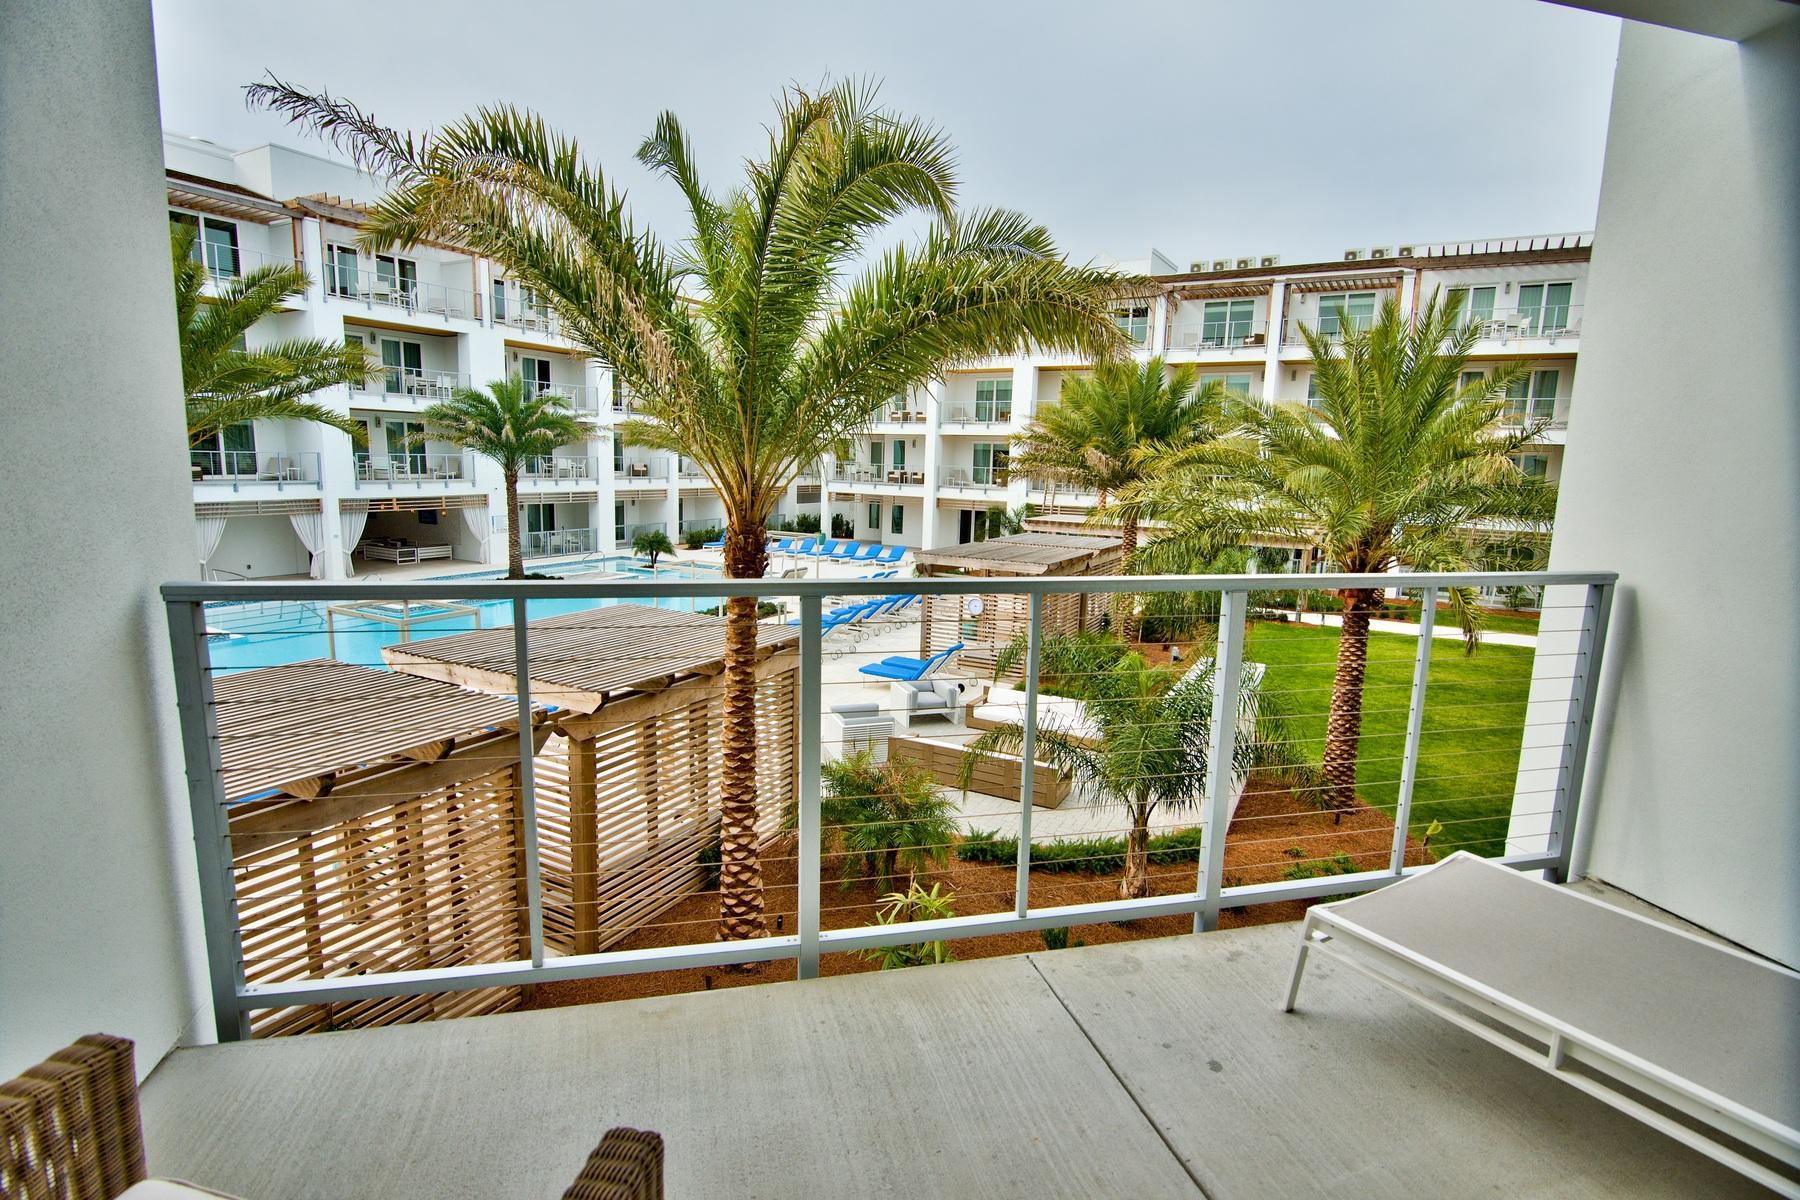 Condominio per Vendita alle ore THE POINTE ON 30A 10711 East County Highway 30A 323 Inlet Beach, Florida, 32461 Stati Uniti